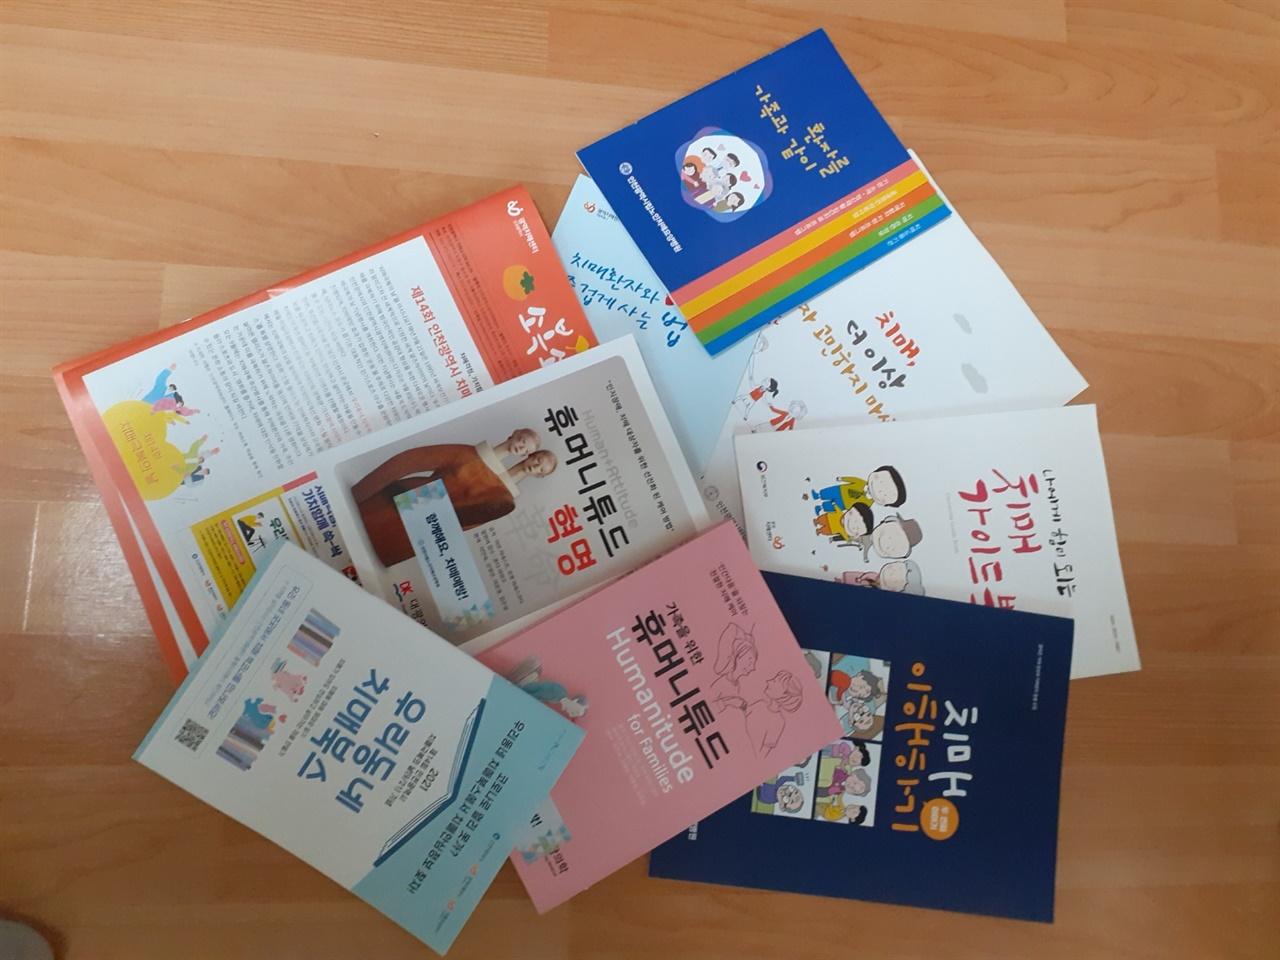 치매 관련 홍보 책자들(이연순 센터장 제공)